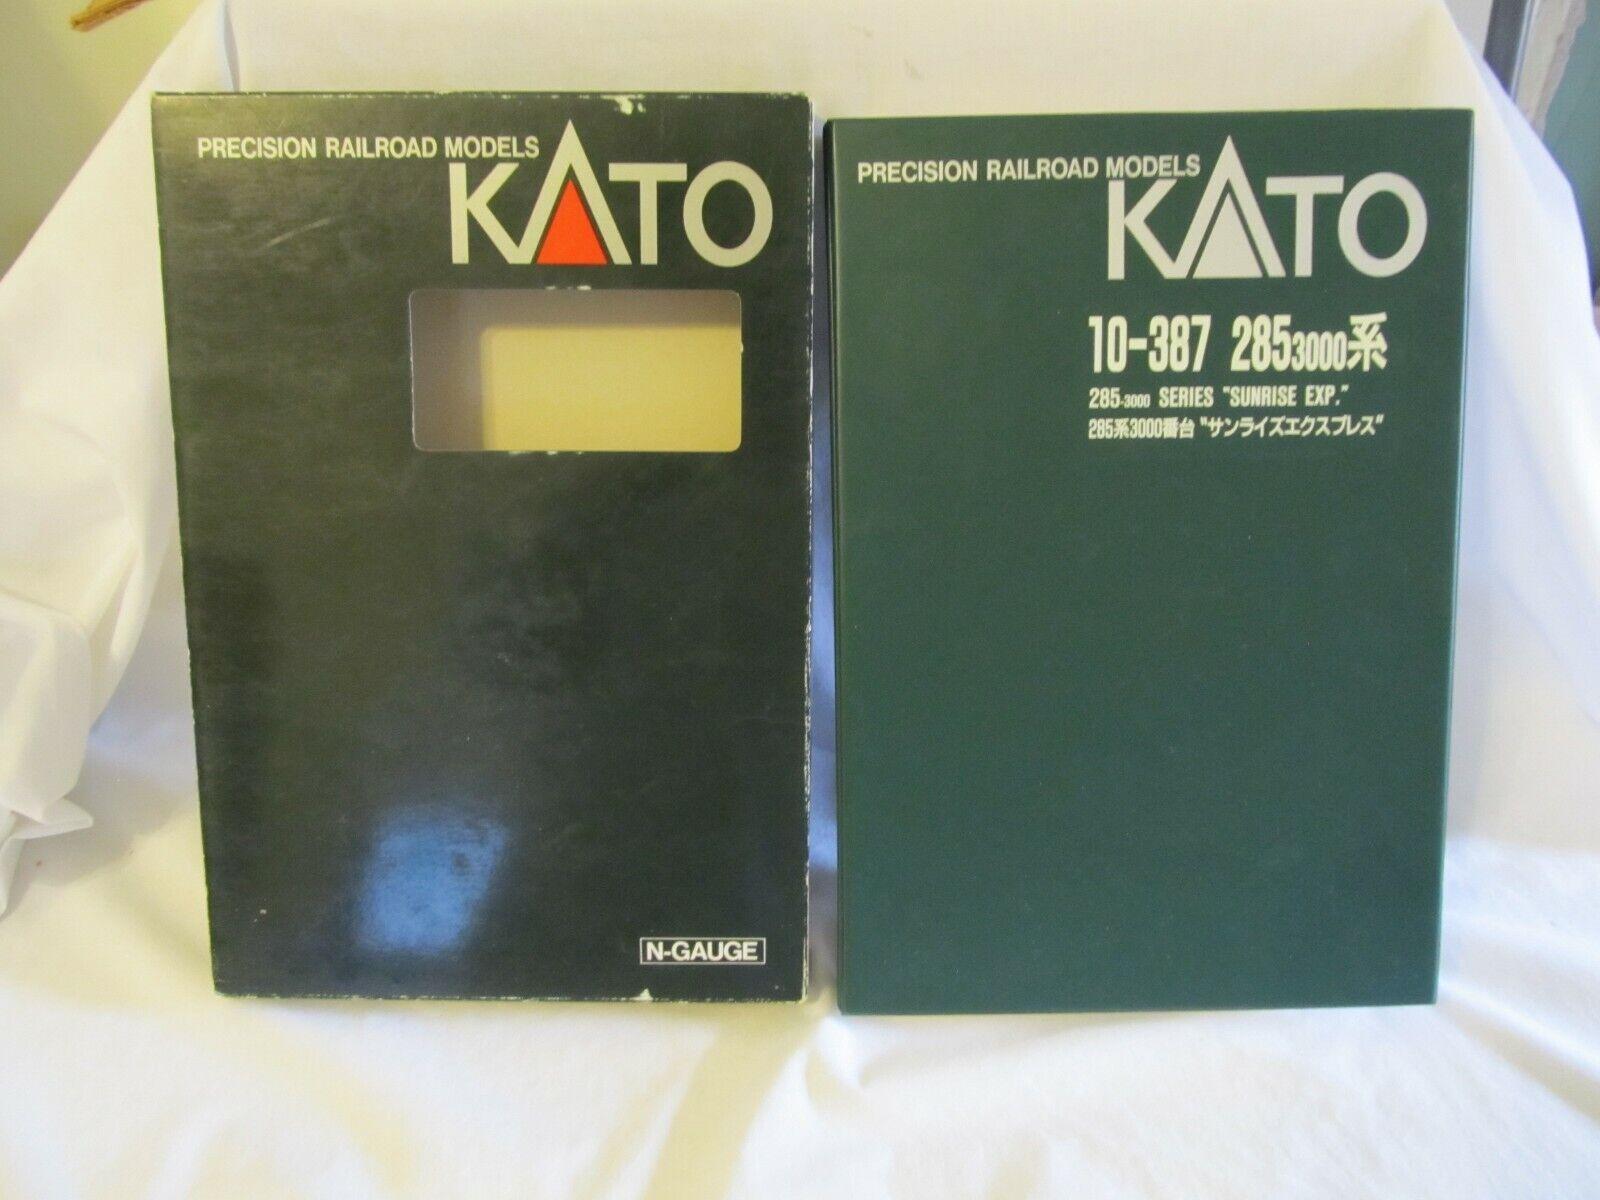 Kato 10387 2853000 SERIES Sunrise EXP. 8auto Set Nuovo in Scatola